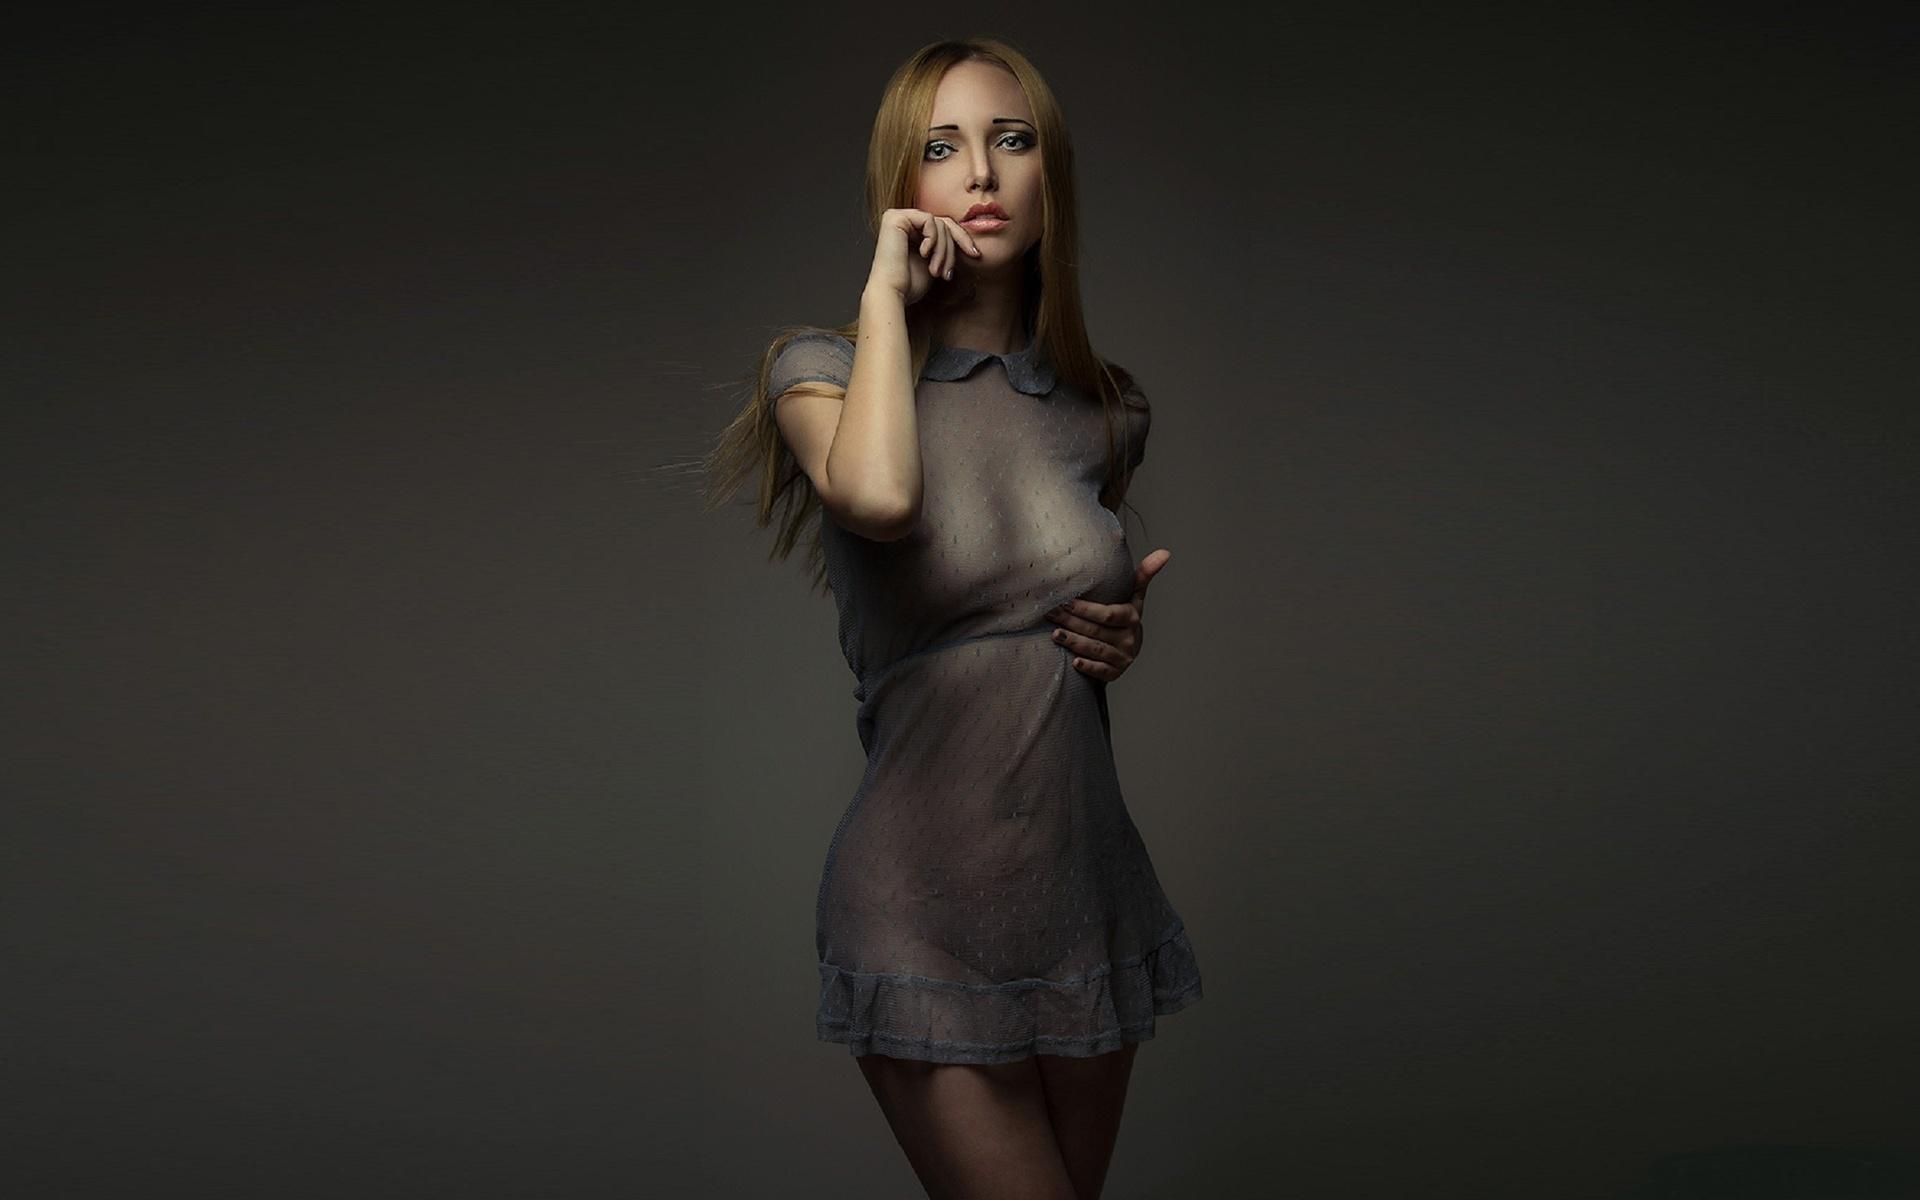 красивое фото девушек в прозрачных платьях